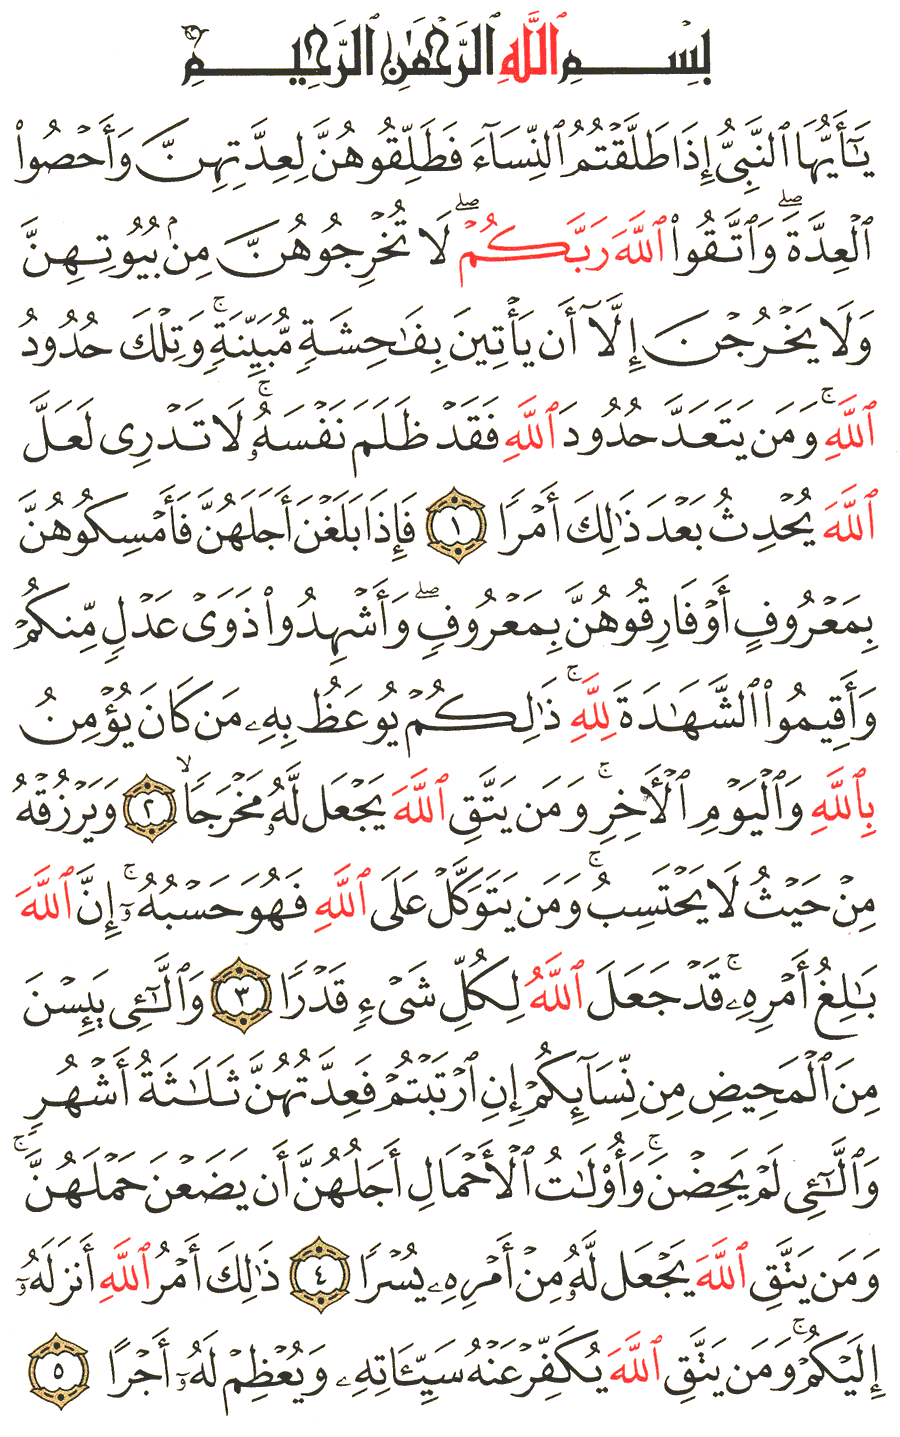 الصفحة رقم 558 من القرآن الكريم مكتوبة من المصحف